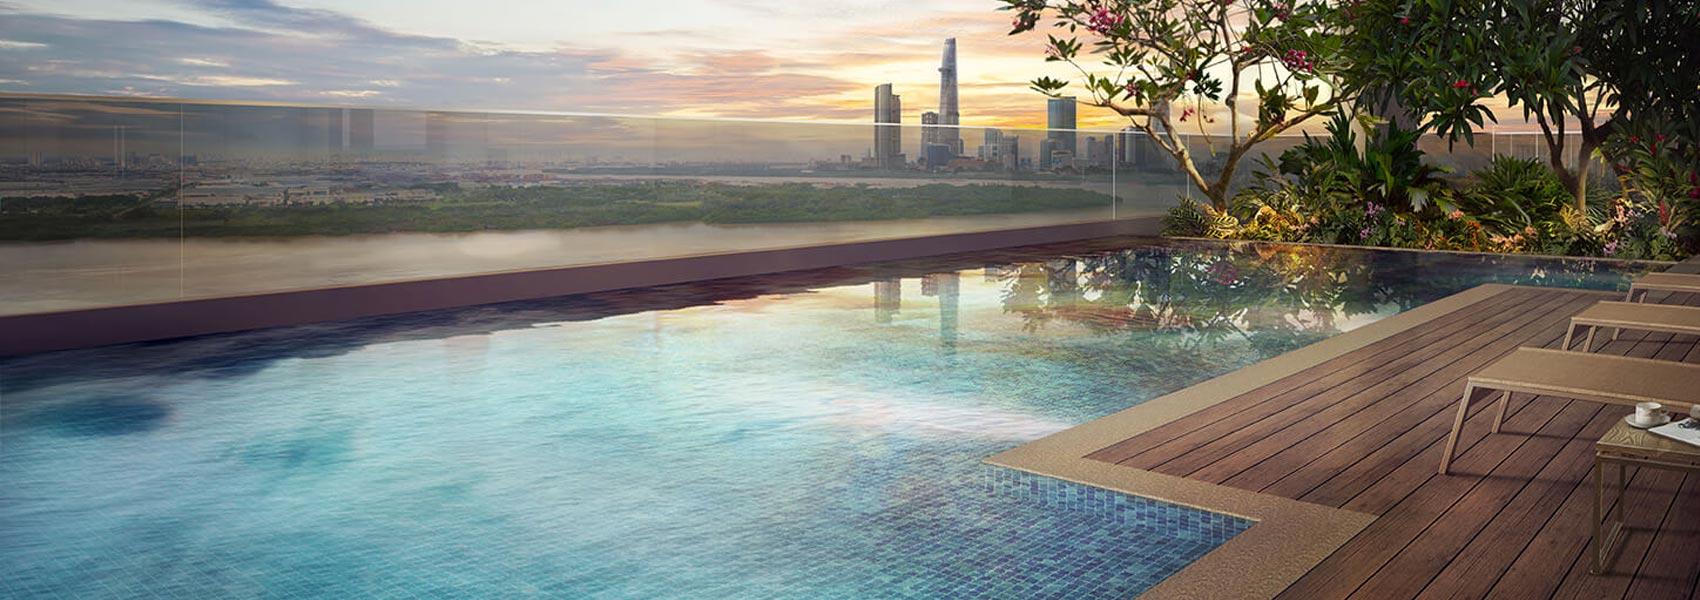 Hồ bơi dự án căn hộ chung cư One Verandah Quận 2 Đường Bát Nàn chủ đầu tư Mapletree